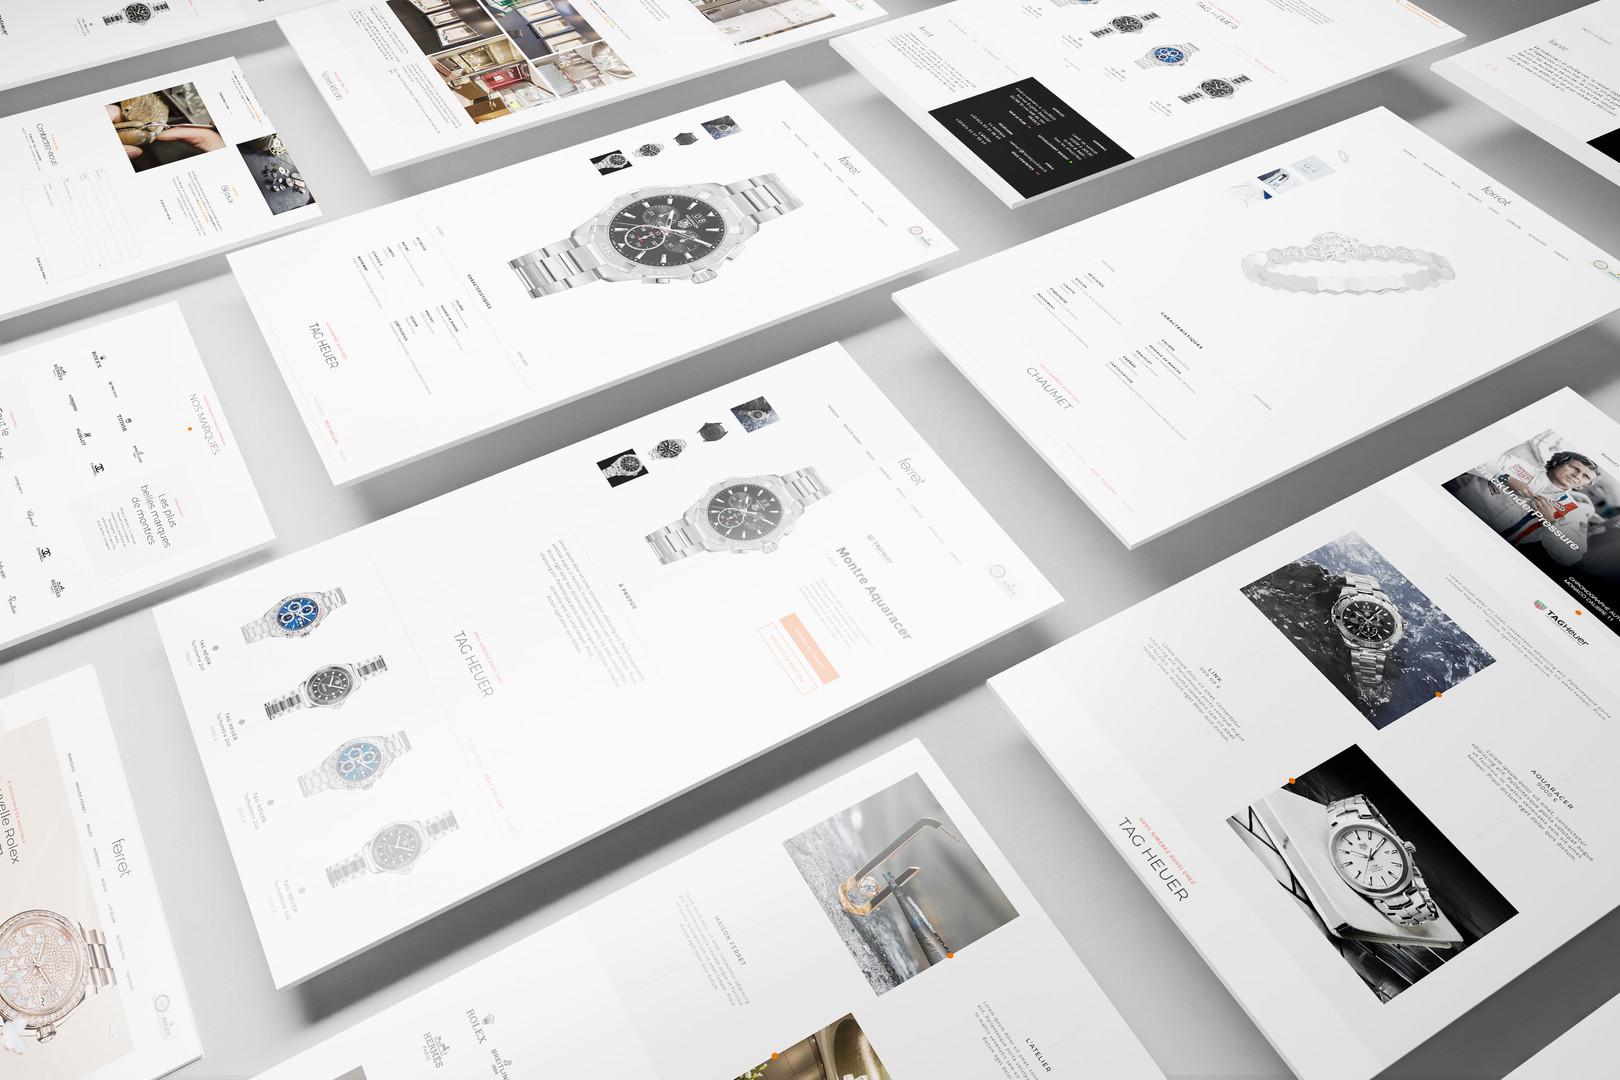 ferret-webdesign.jpg